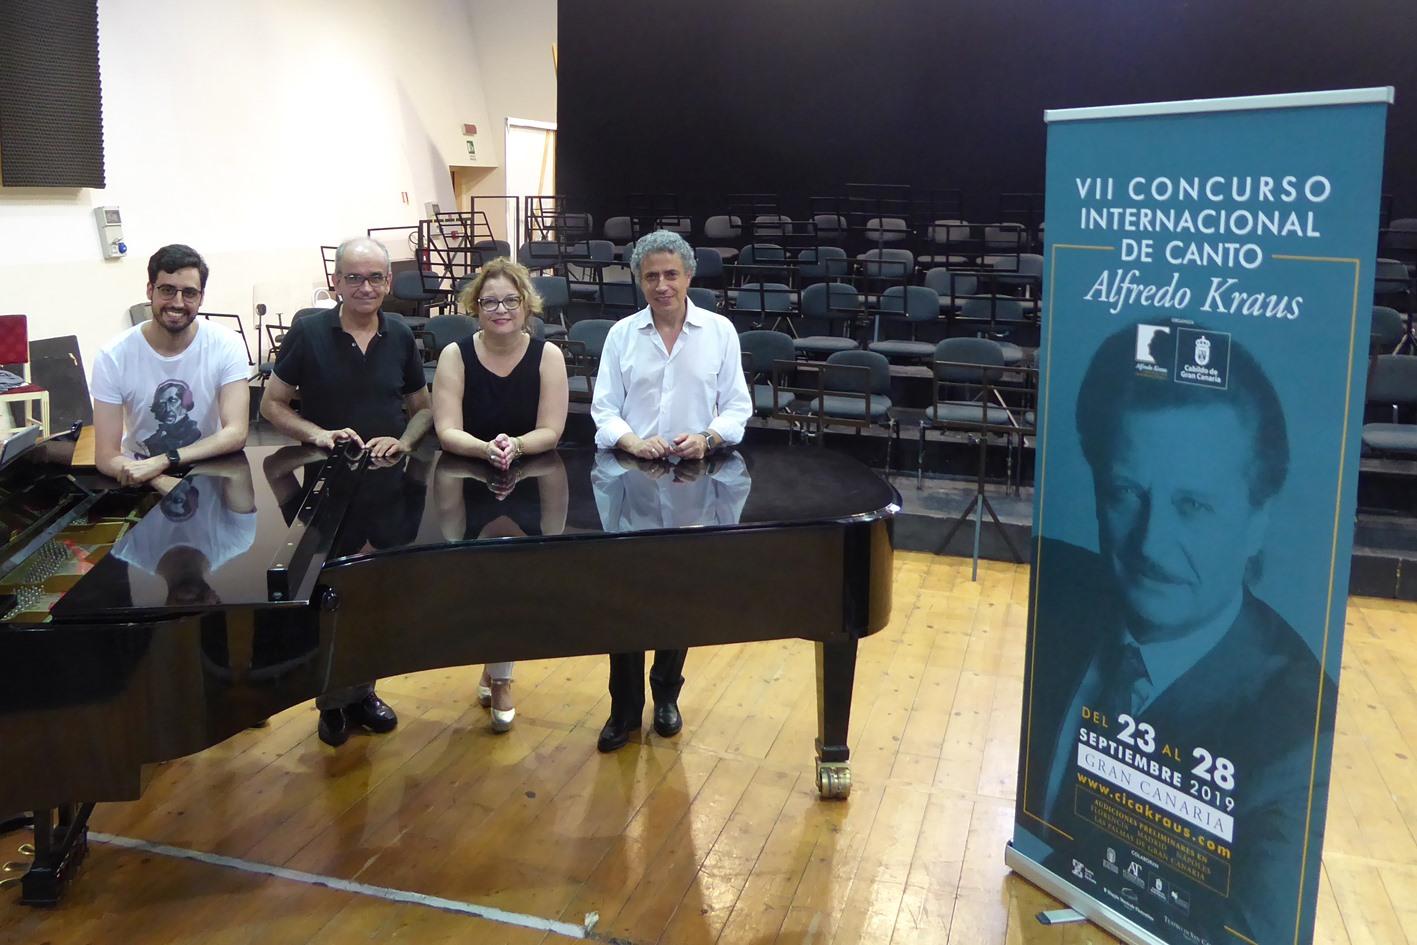 Finalizan las pruebas preliminares del VII Concurso Internacional de Canto Alfredo Kraus en Madrid, Florencia y Nápoles